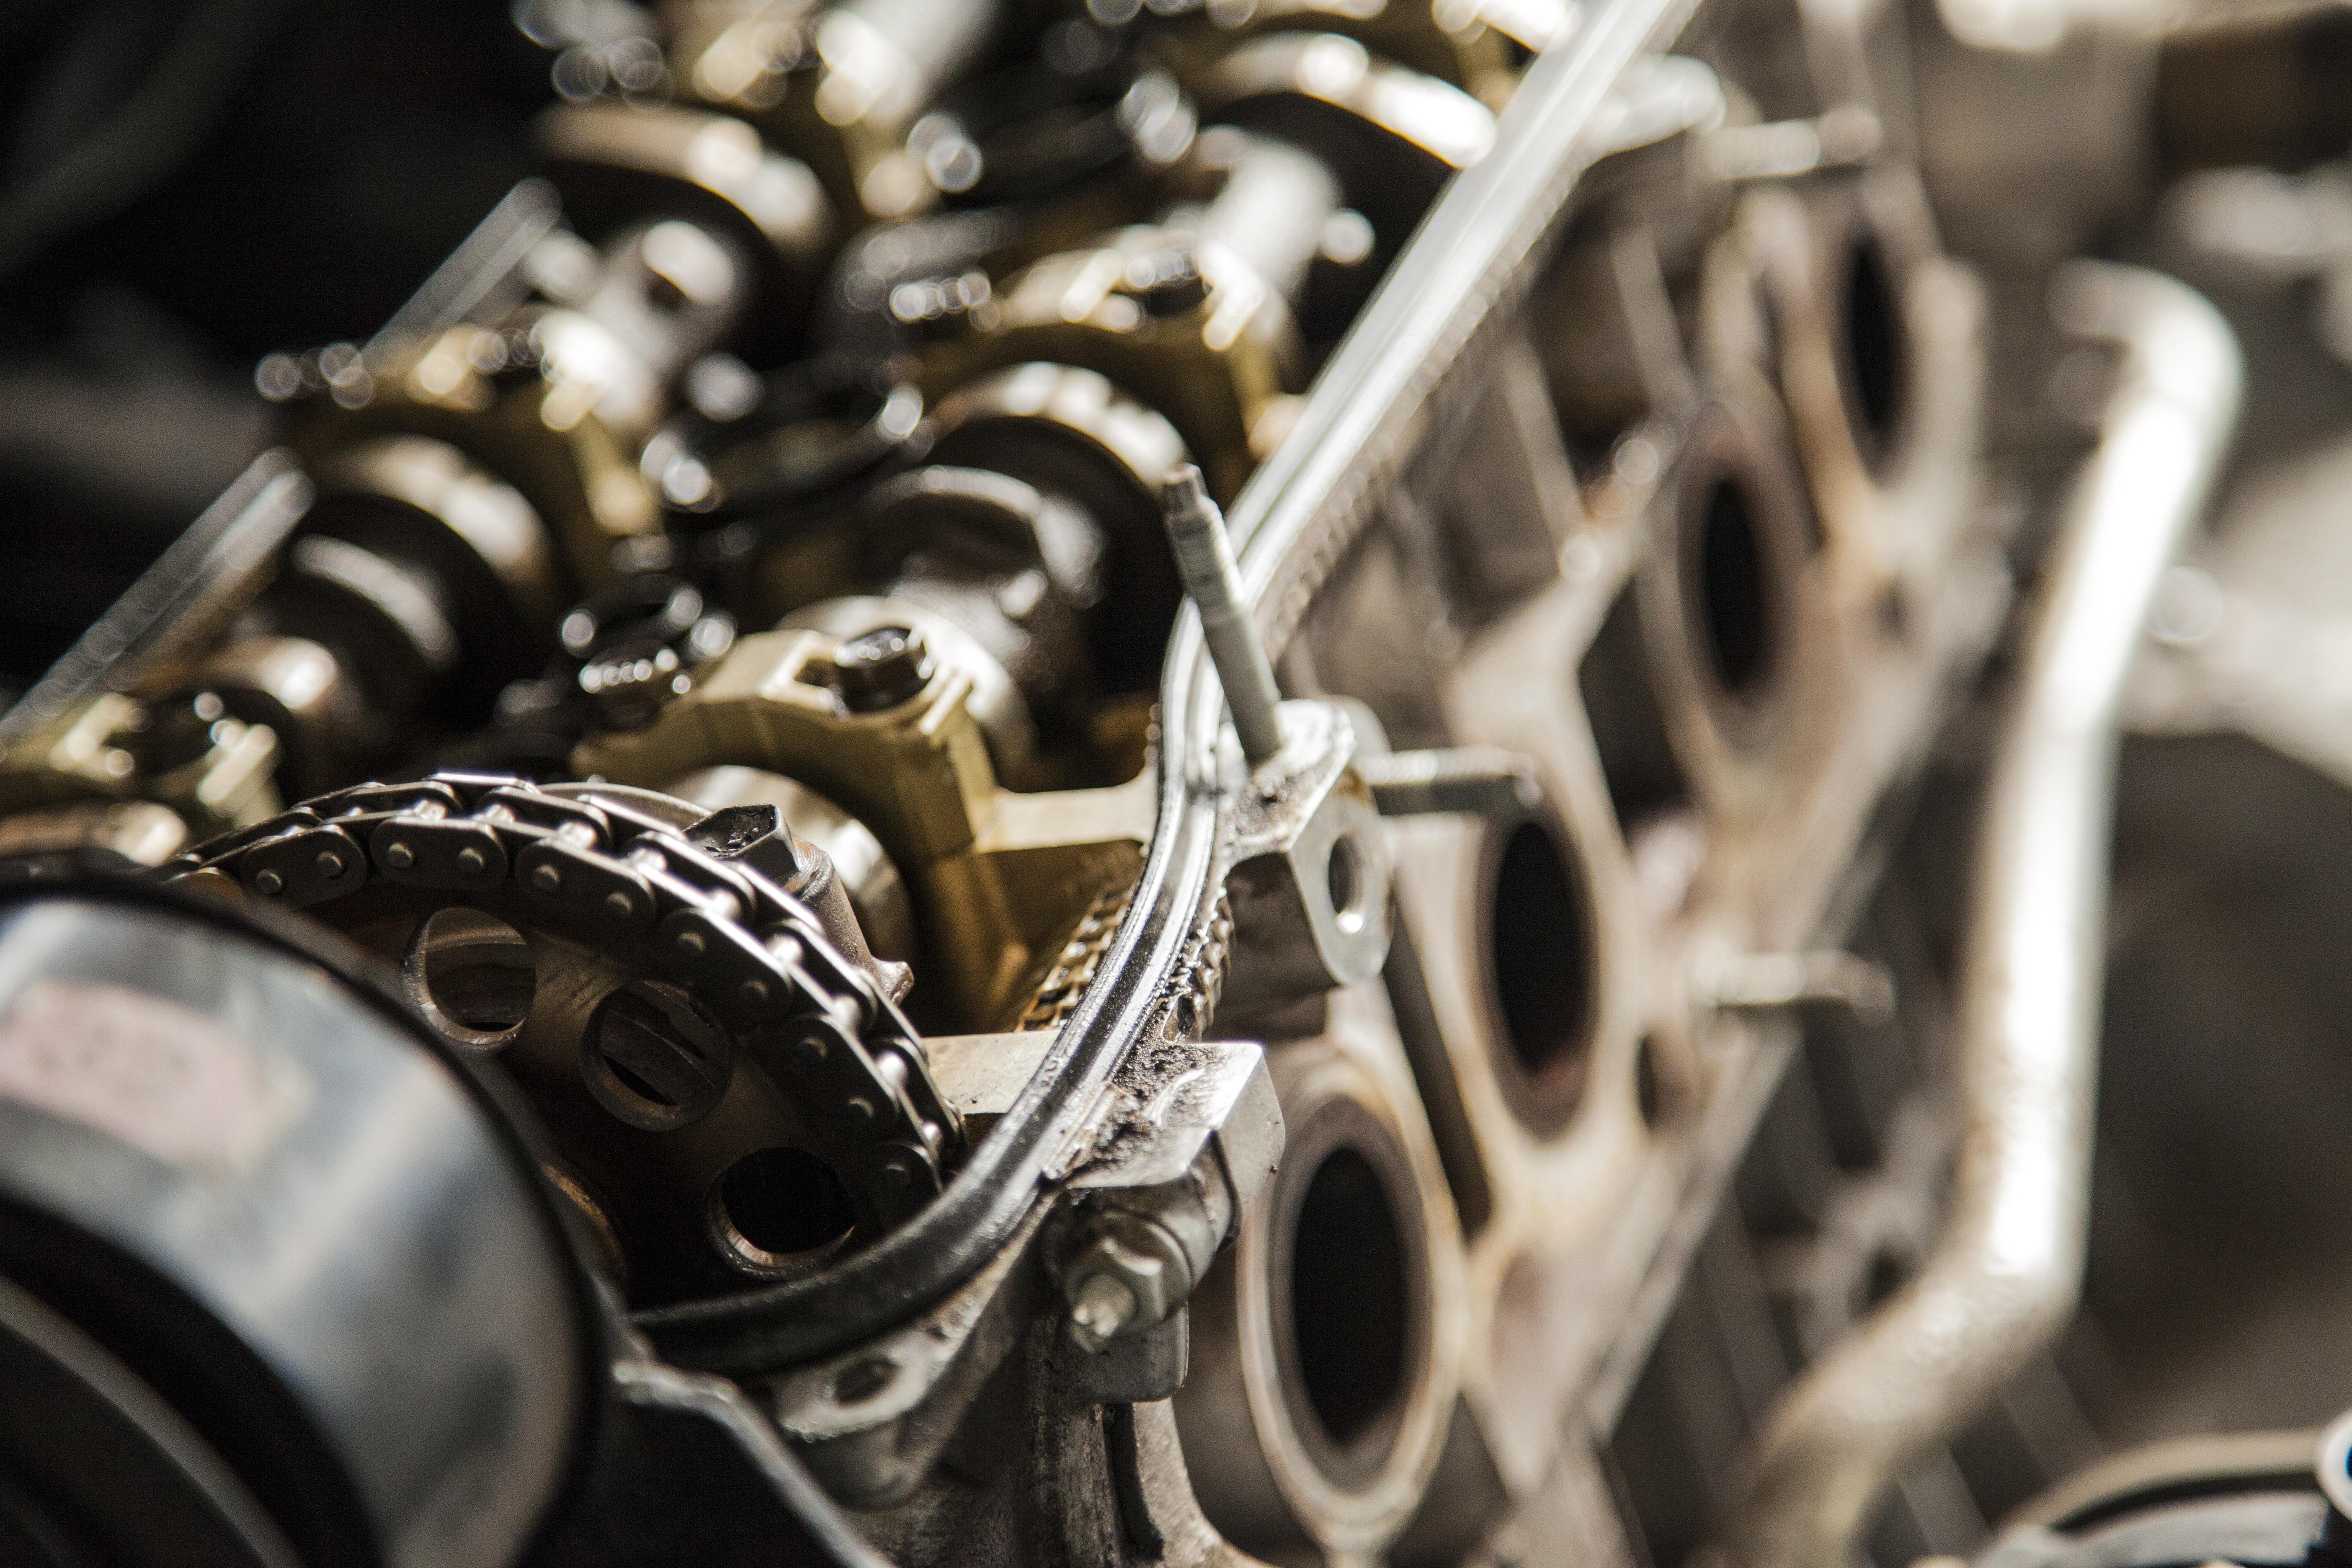 Fotos gratis : tecnología, rueda, cadena, acero, reparar, vehículo ...